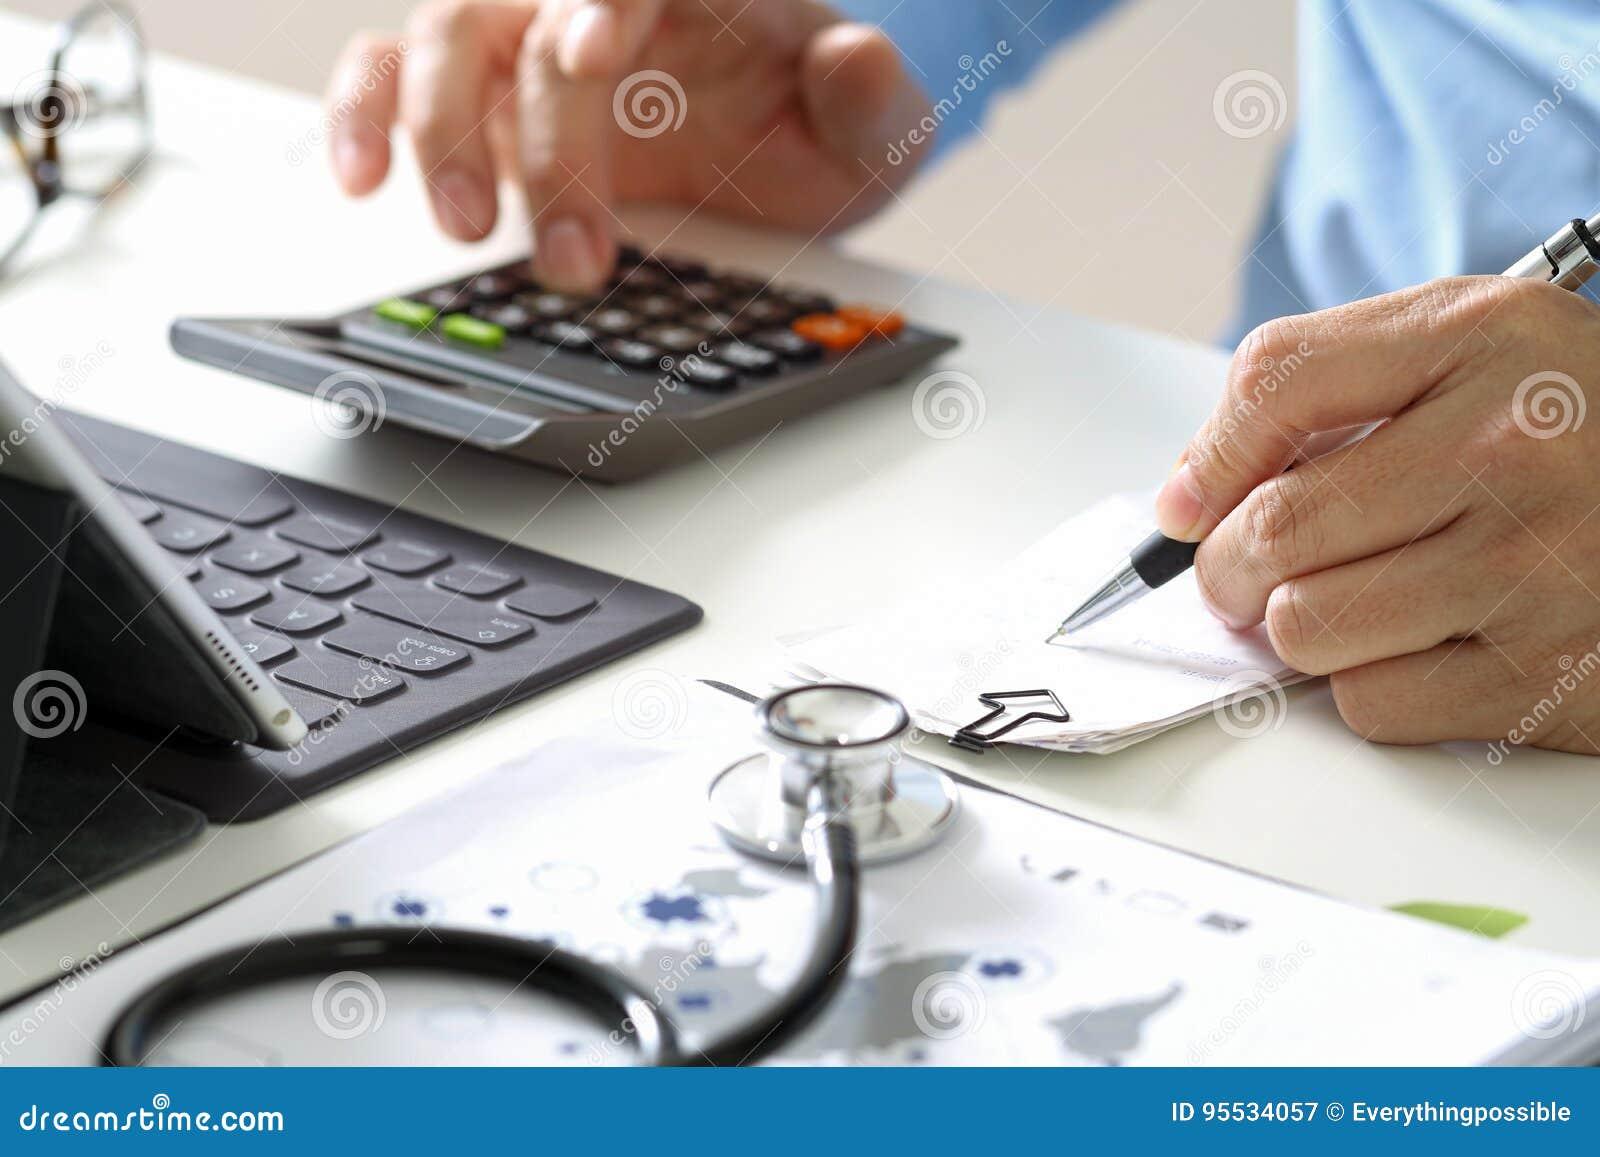 Έννοια δαπανών και αμοιβών υγειονομικής περίθαλψης Το χέρι του έξυπνου γιατρού χρησιμοποίησε ένα ασβέστιο